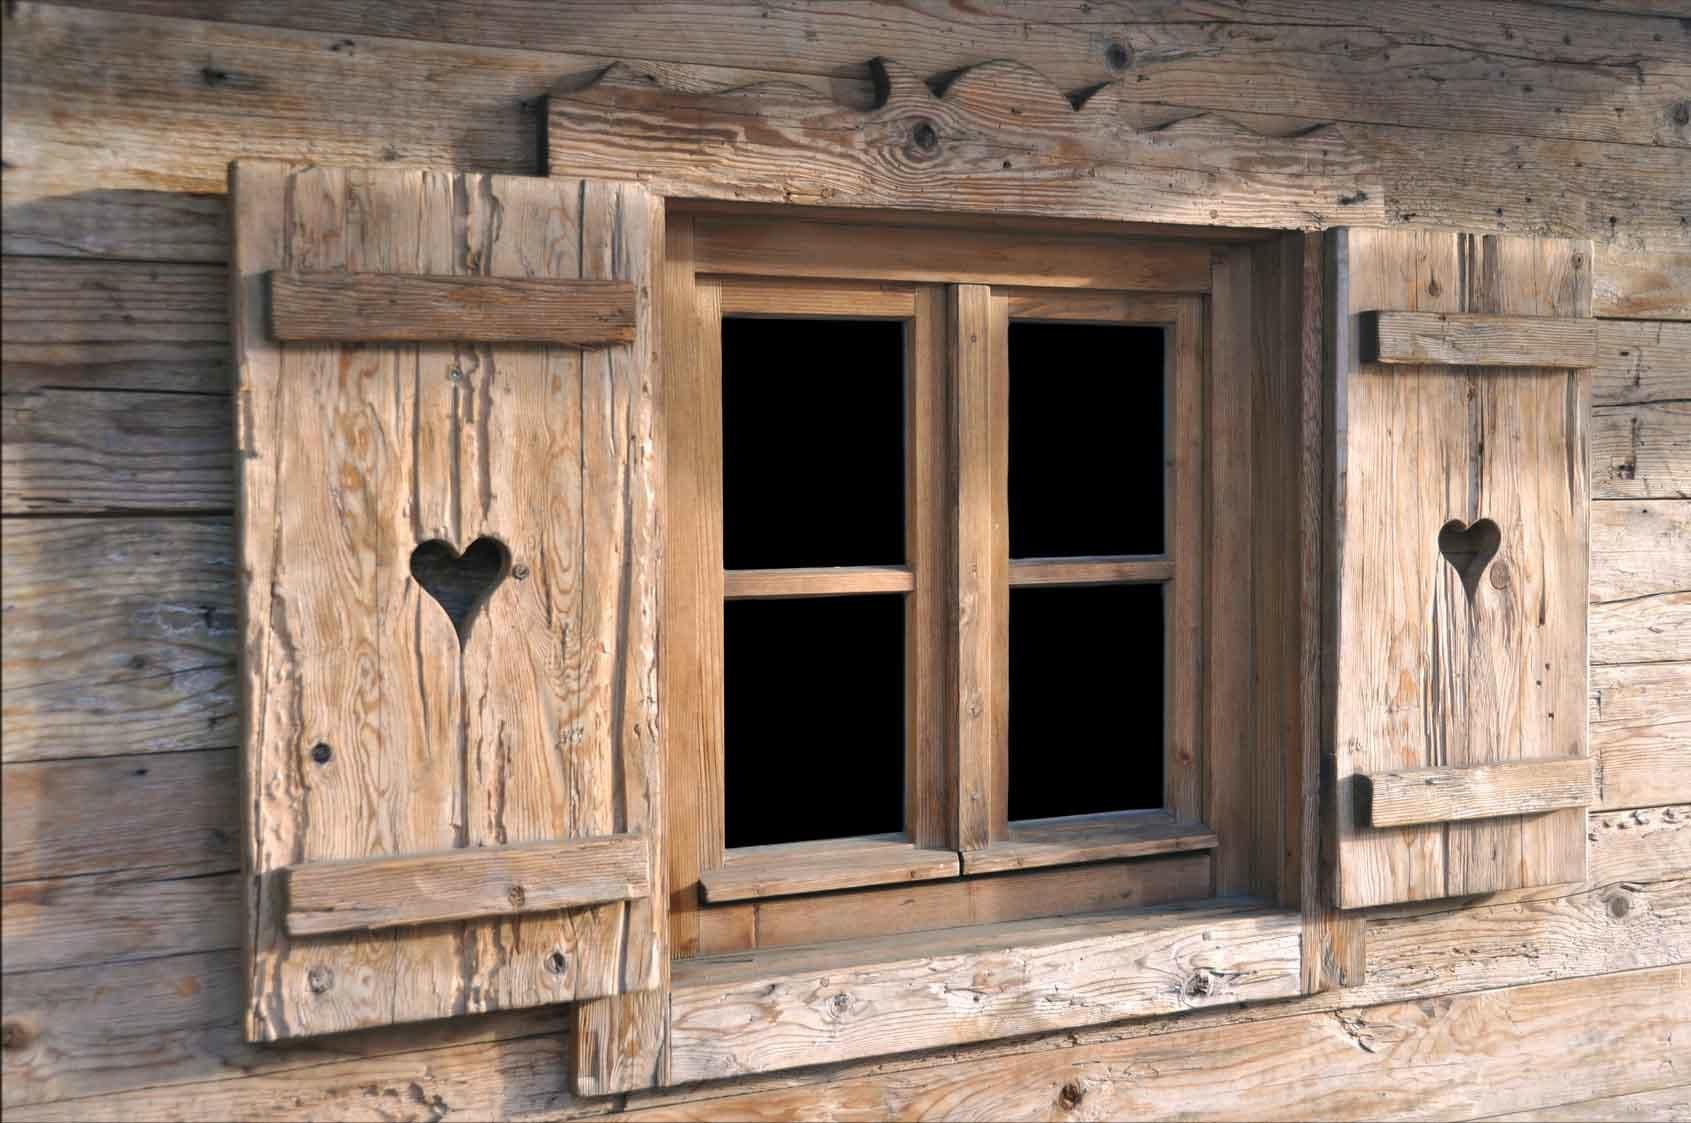 Tavoli sedie arredamenti porte finestre in legno antico vecchio recuperato - Shutter fenster ...